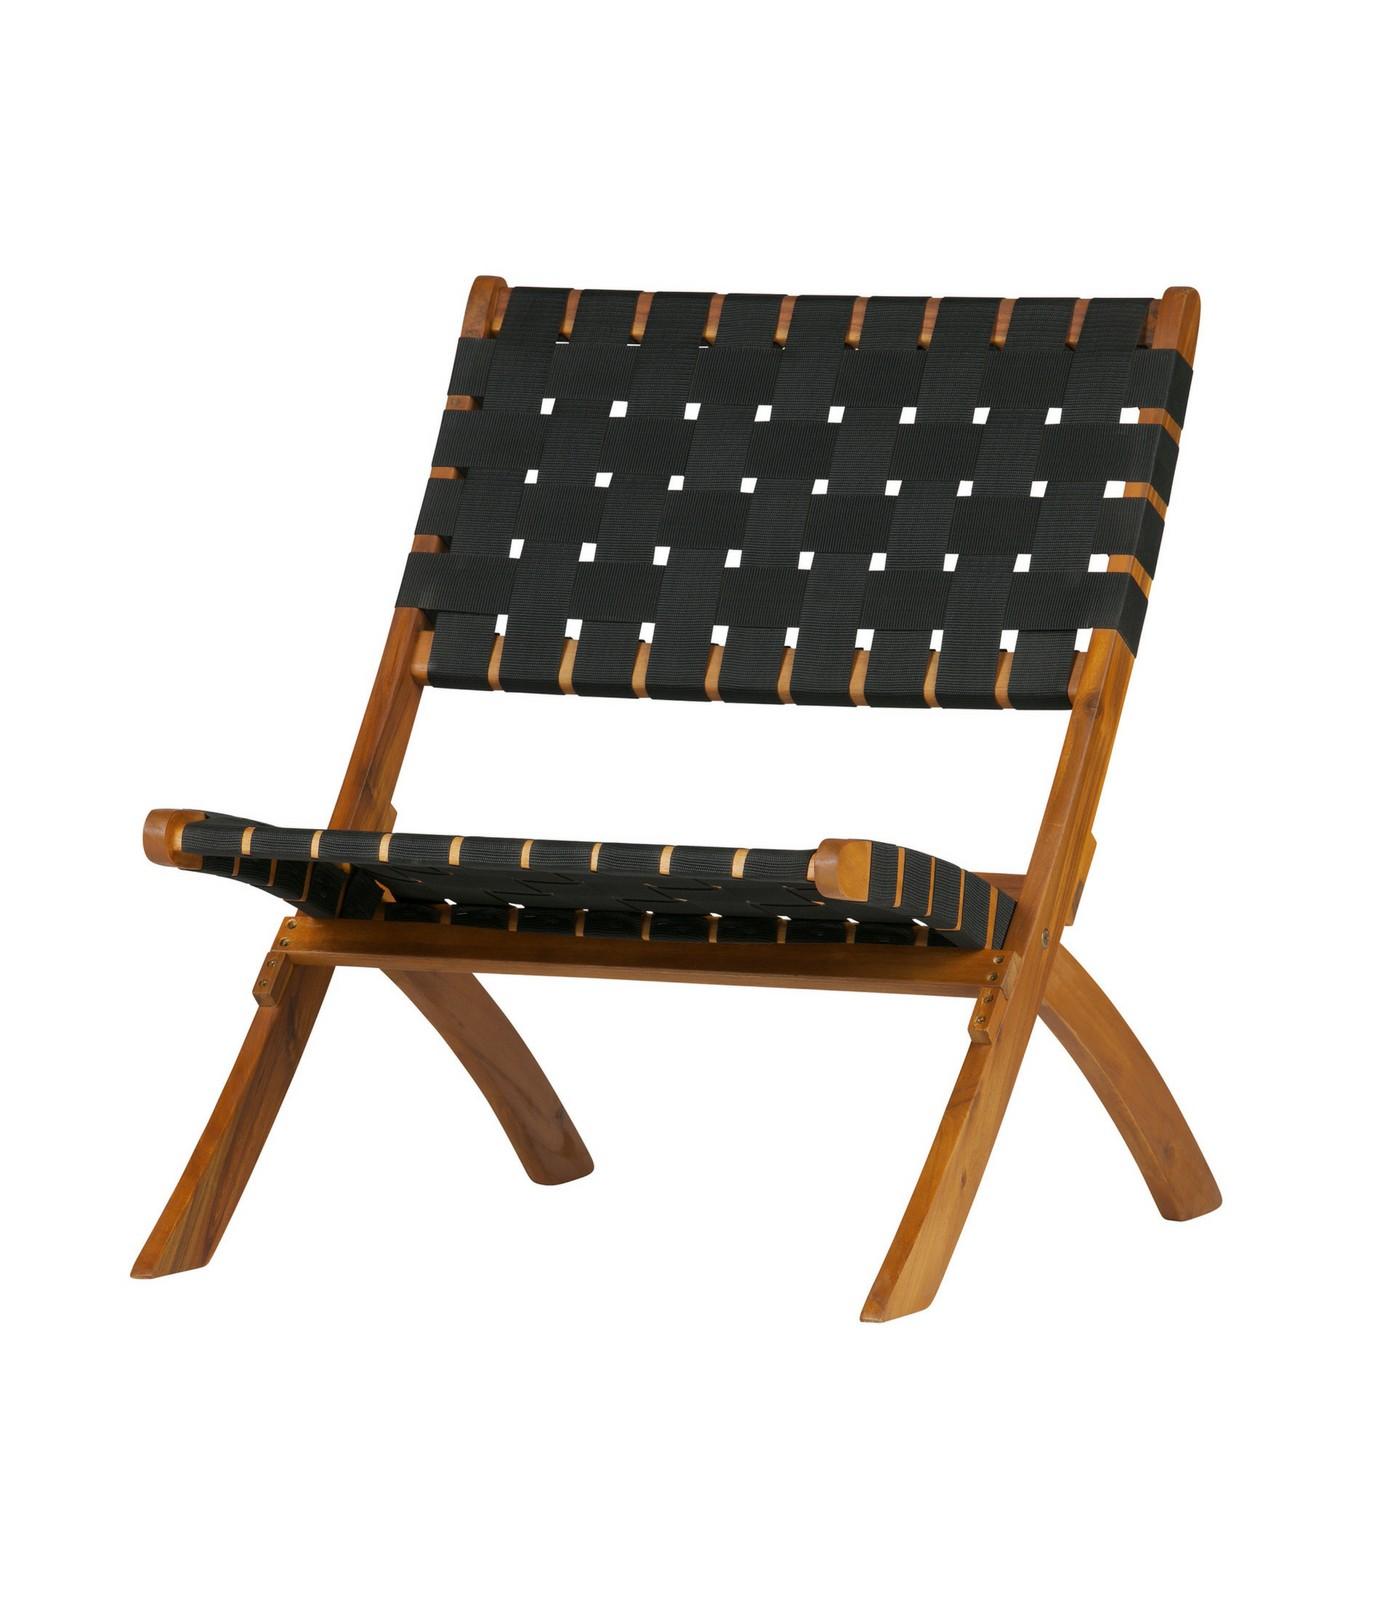 fauteuil bas miami pliable interieur exterieur pastel. Black Bedroom Furniture Sets. Home Design Ideas